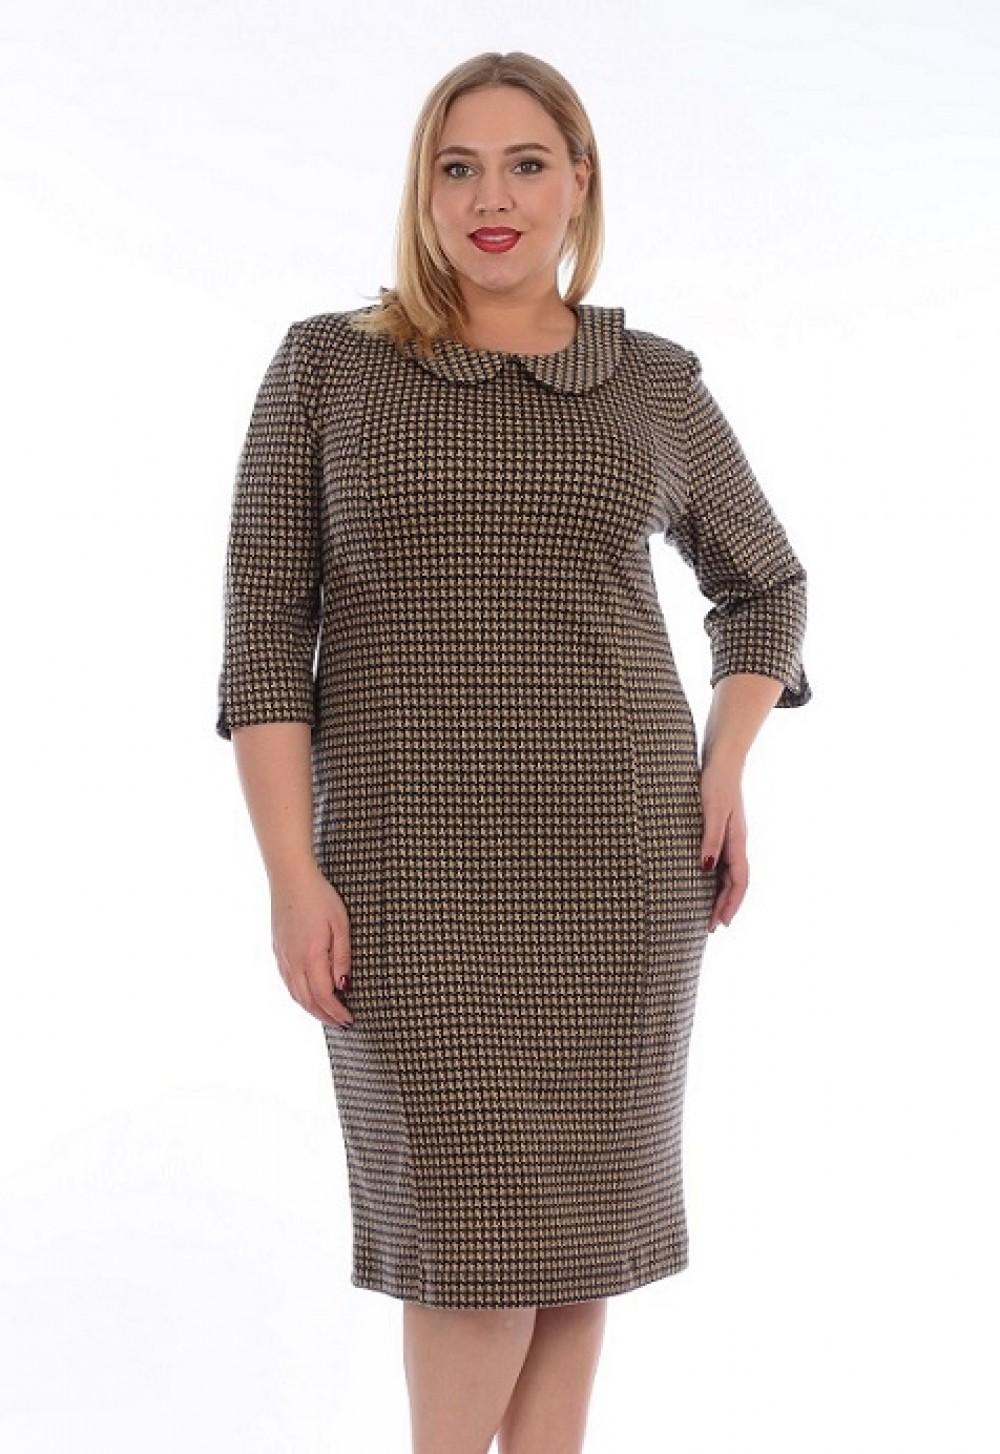 Модная женская одежда больших размеров с доставкой